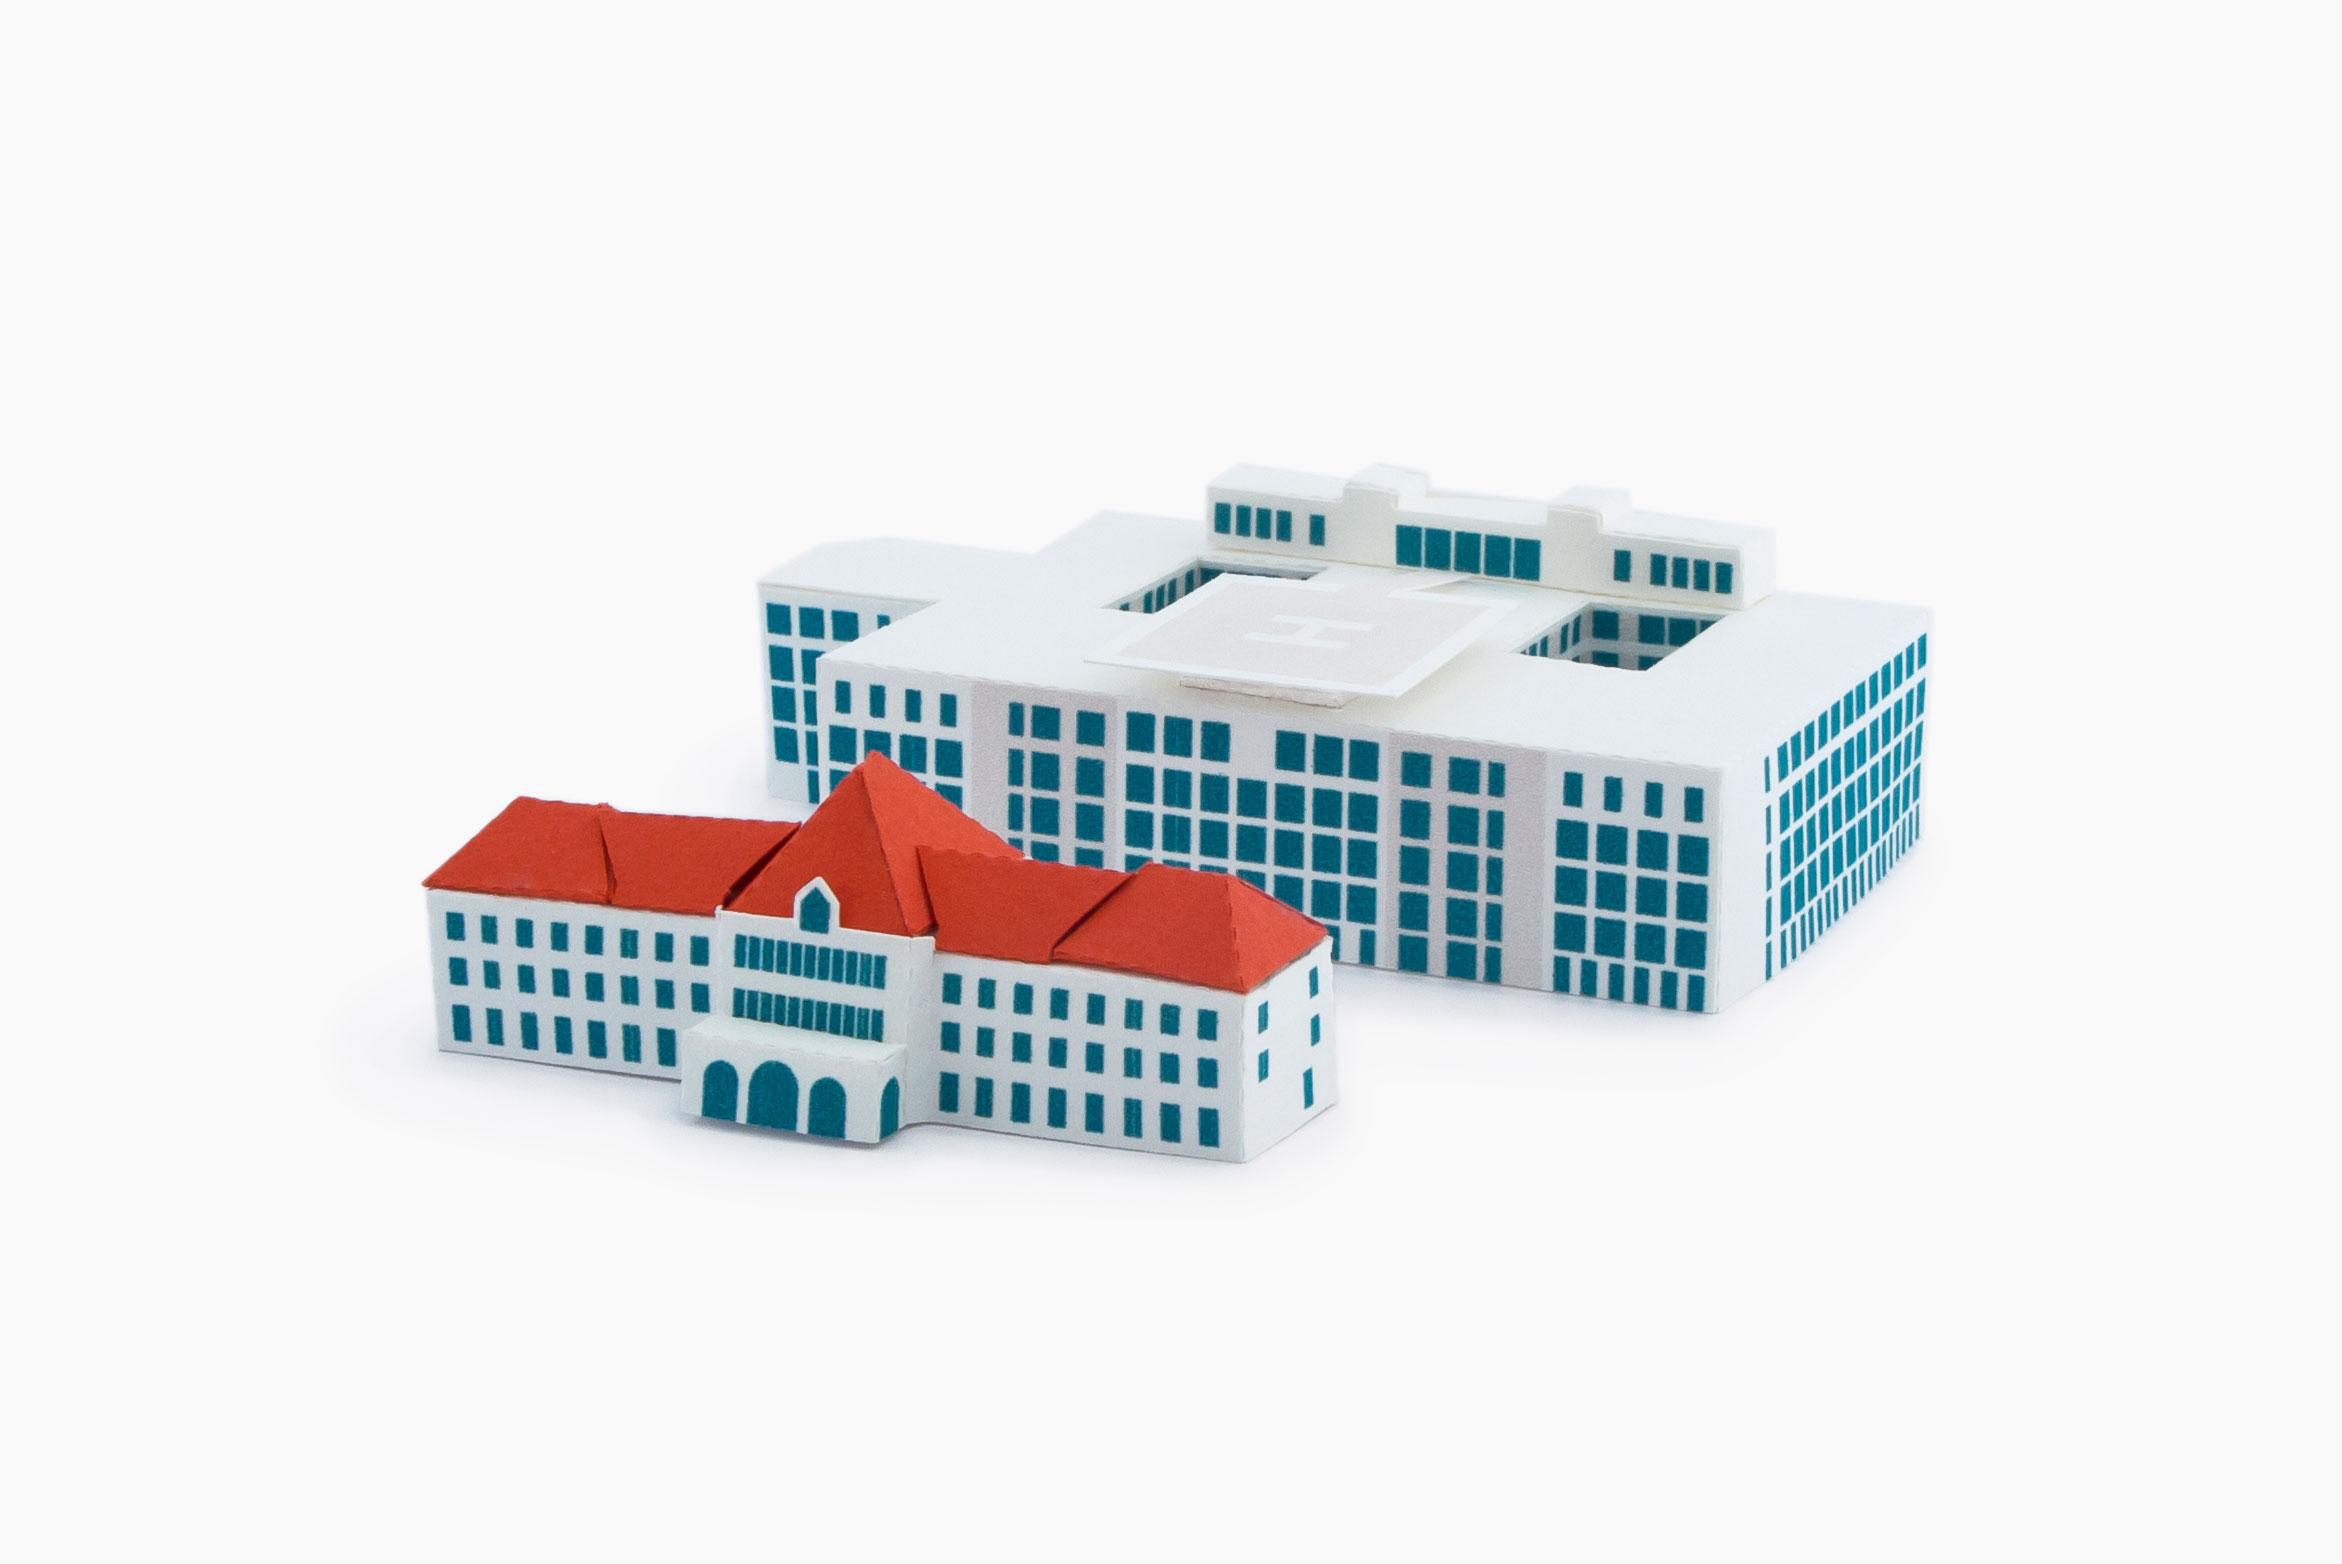 Miniaturnachbildung der München Klinik Schwabing